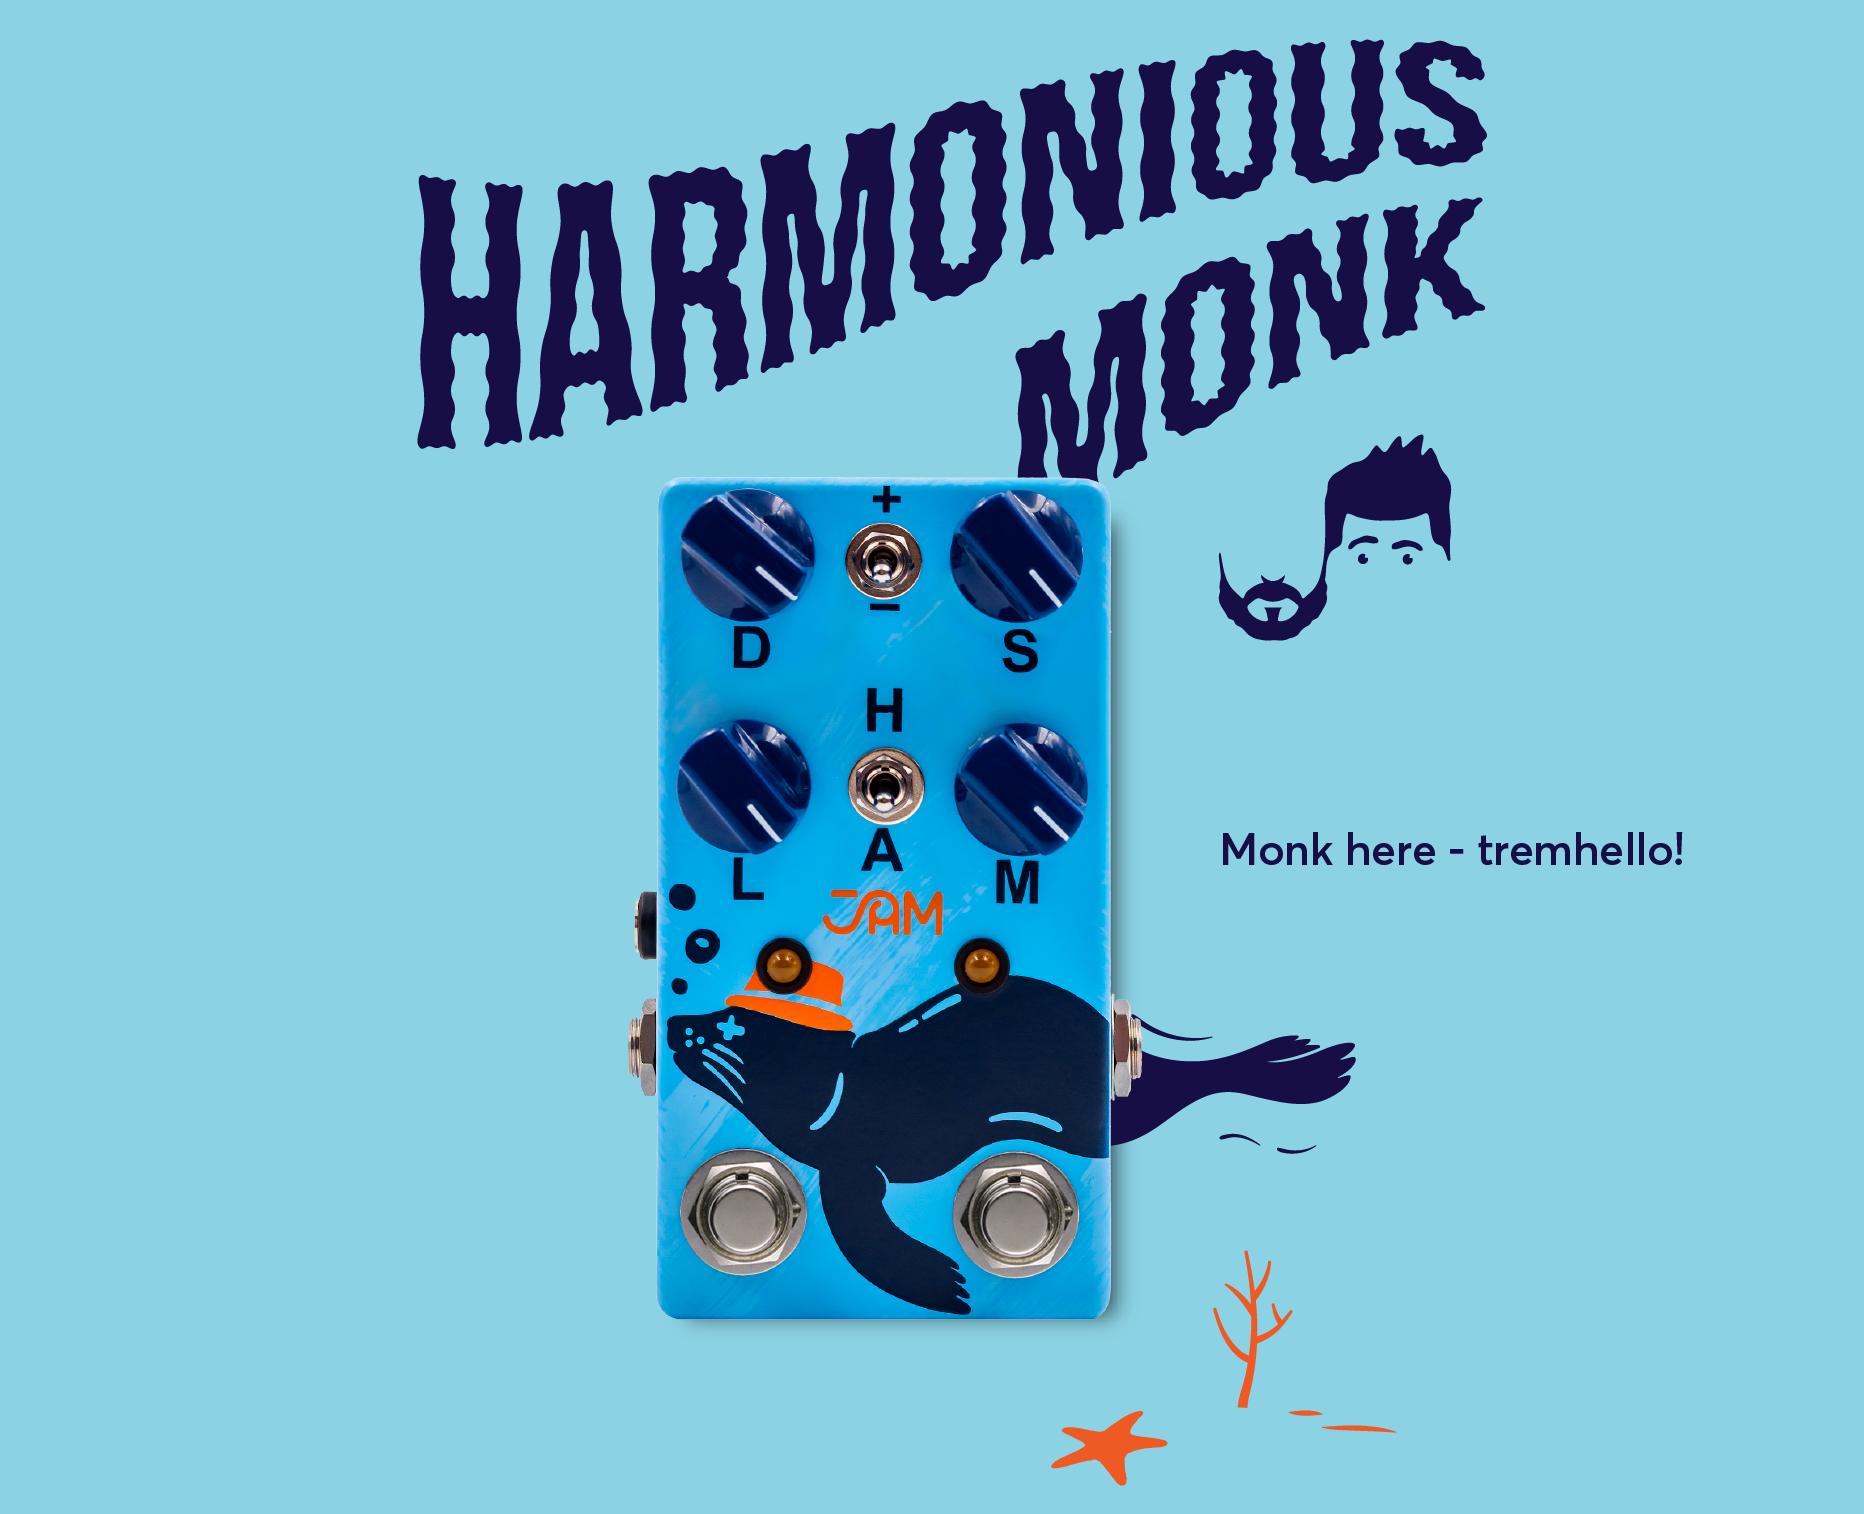 Harmonious Monk